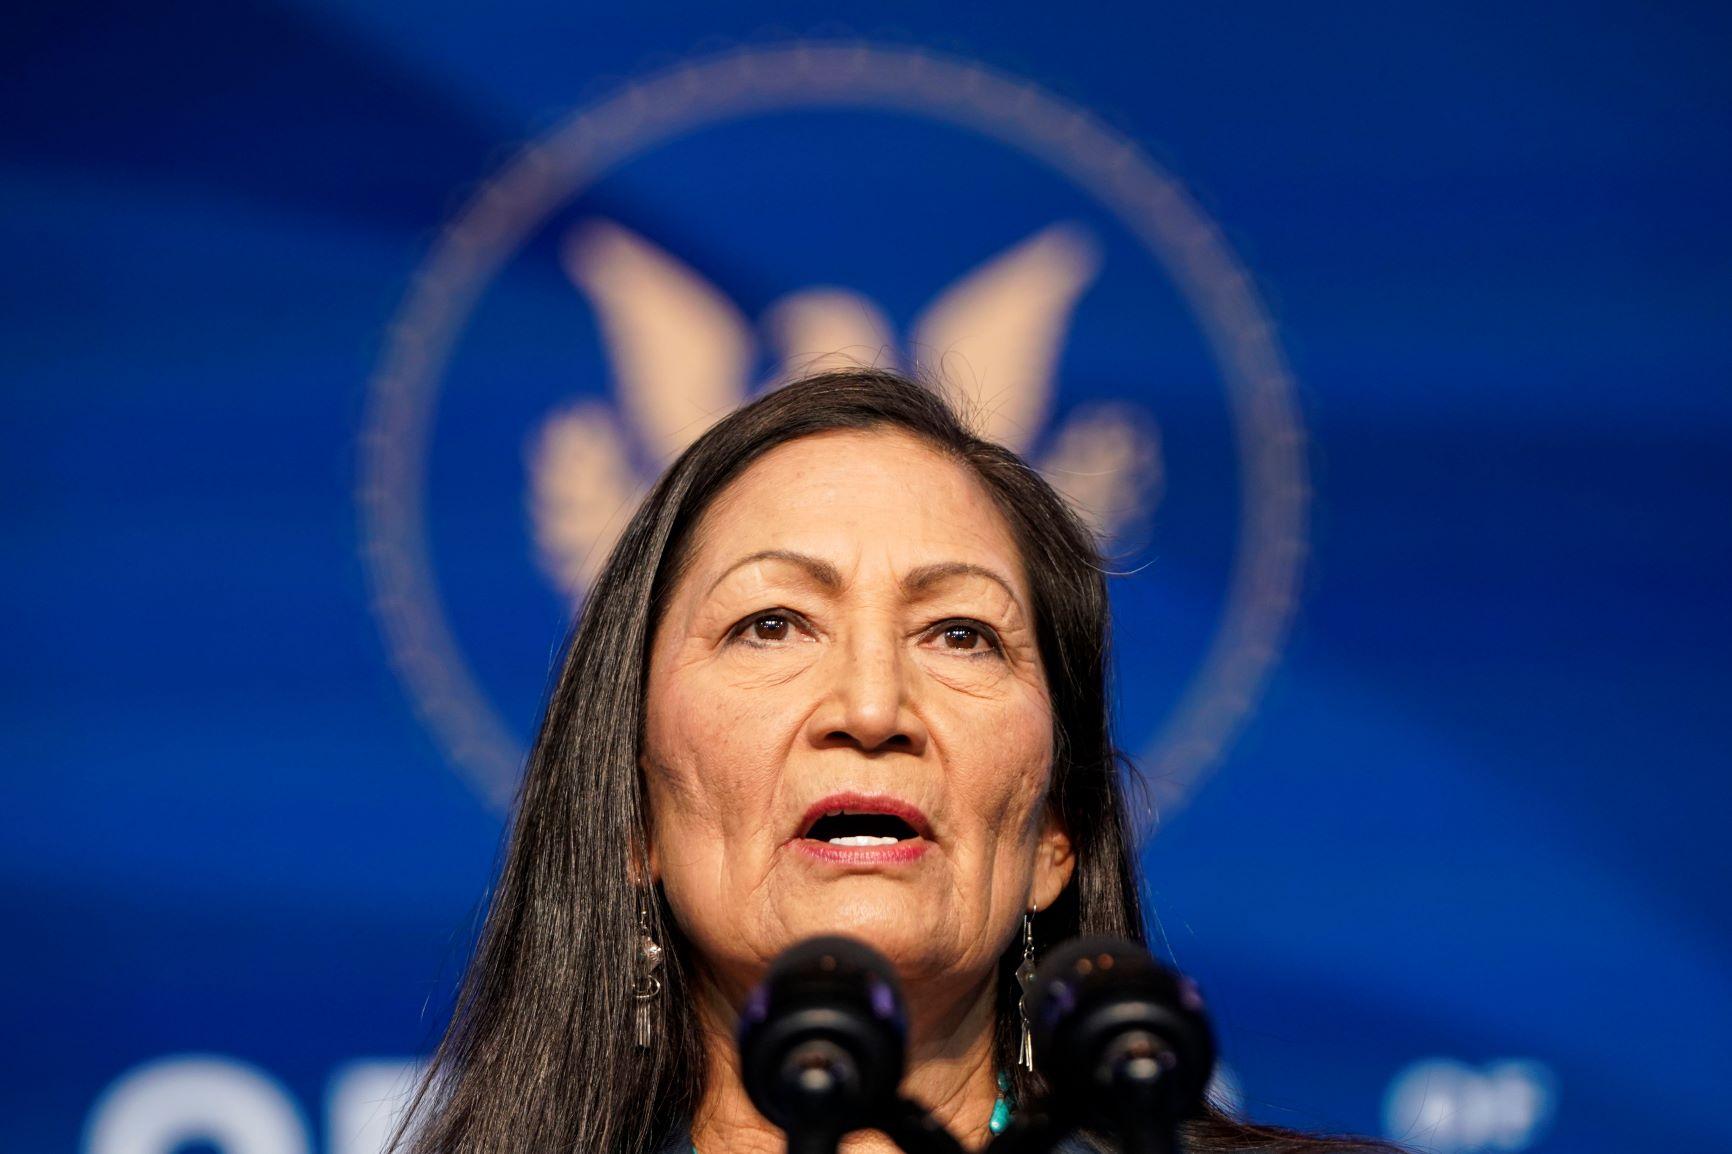 Deputada pelo Novo México, Deb Haaland será, na pasta do Interior, a primeira descendente de indígena a fazer parte do Ministério dos EUA: presidente quer ação coordenada nas questões climáticas (Foto: Joshua Roberts/Getty/AFP - 19/12/2020)